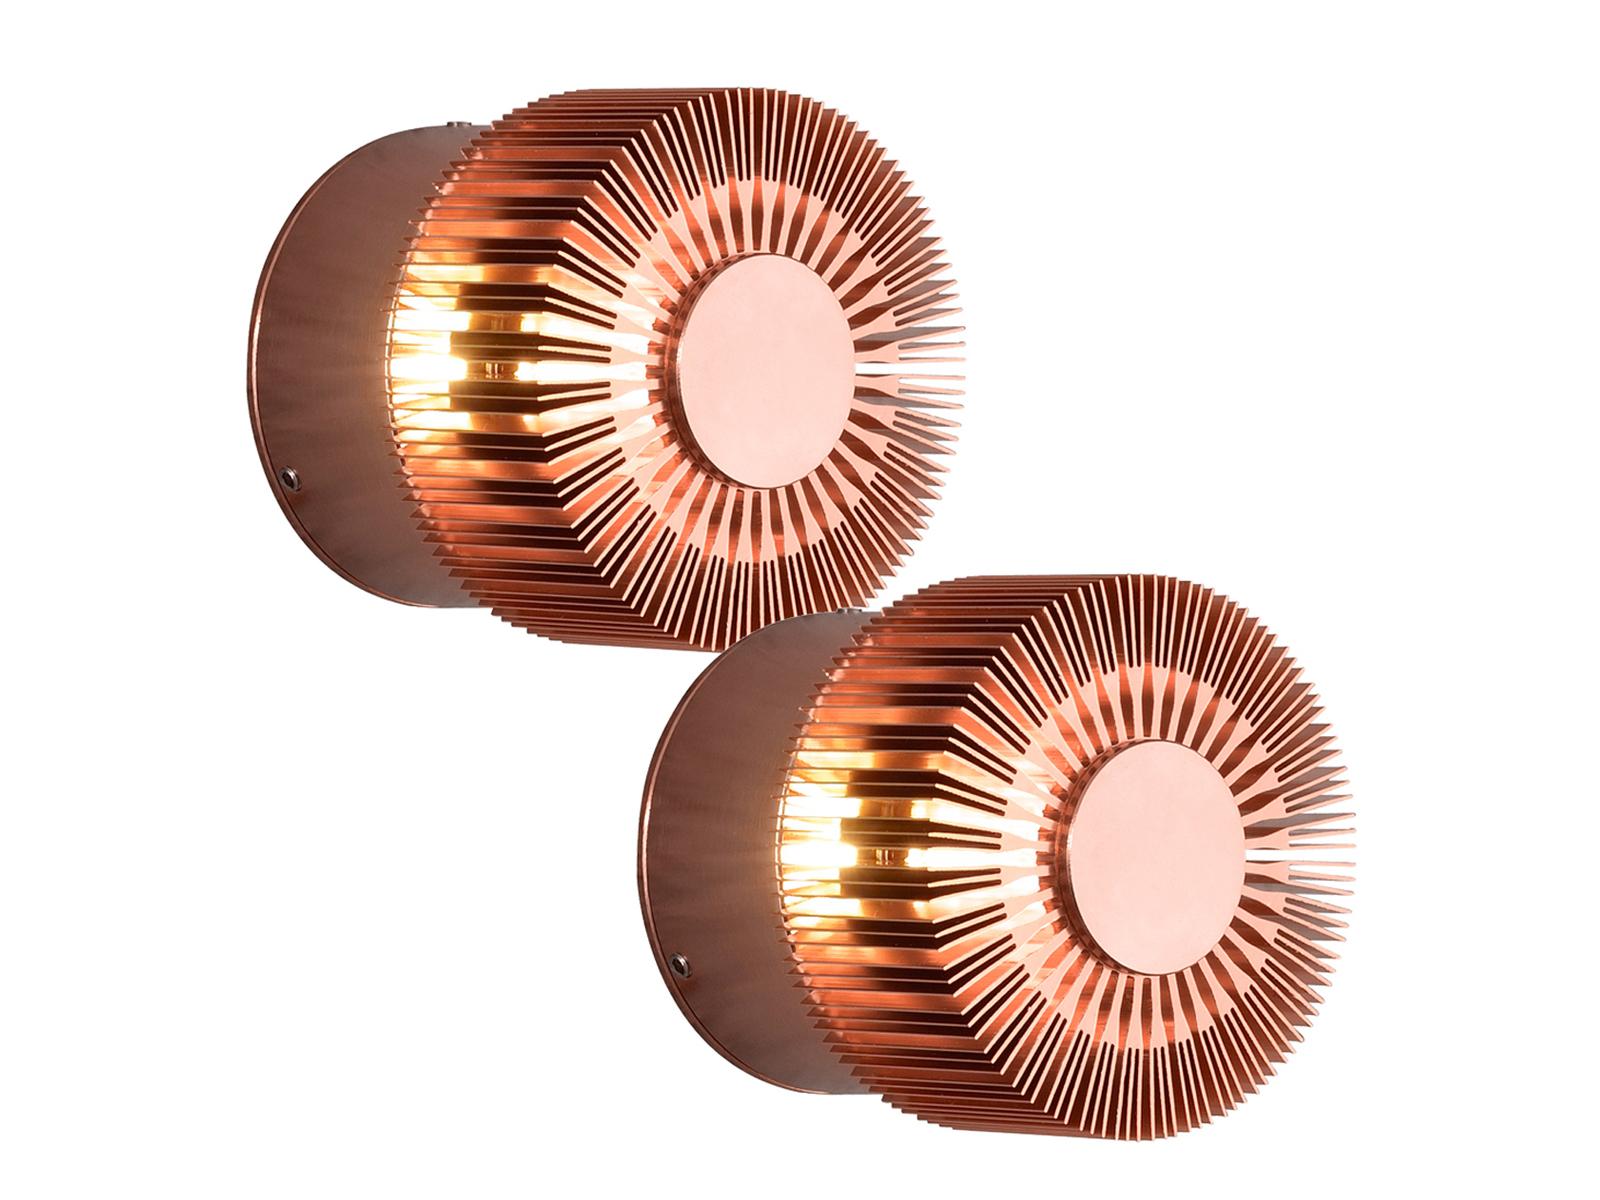 2er-Set Wandleuchten MONZA effektvolle Beleuchtung kupferfarbe Alu